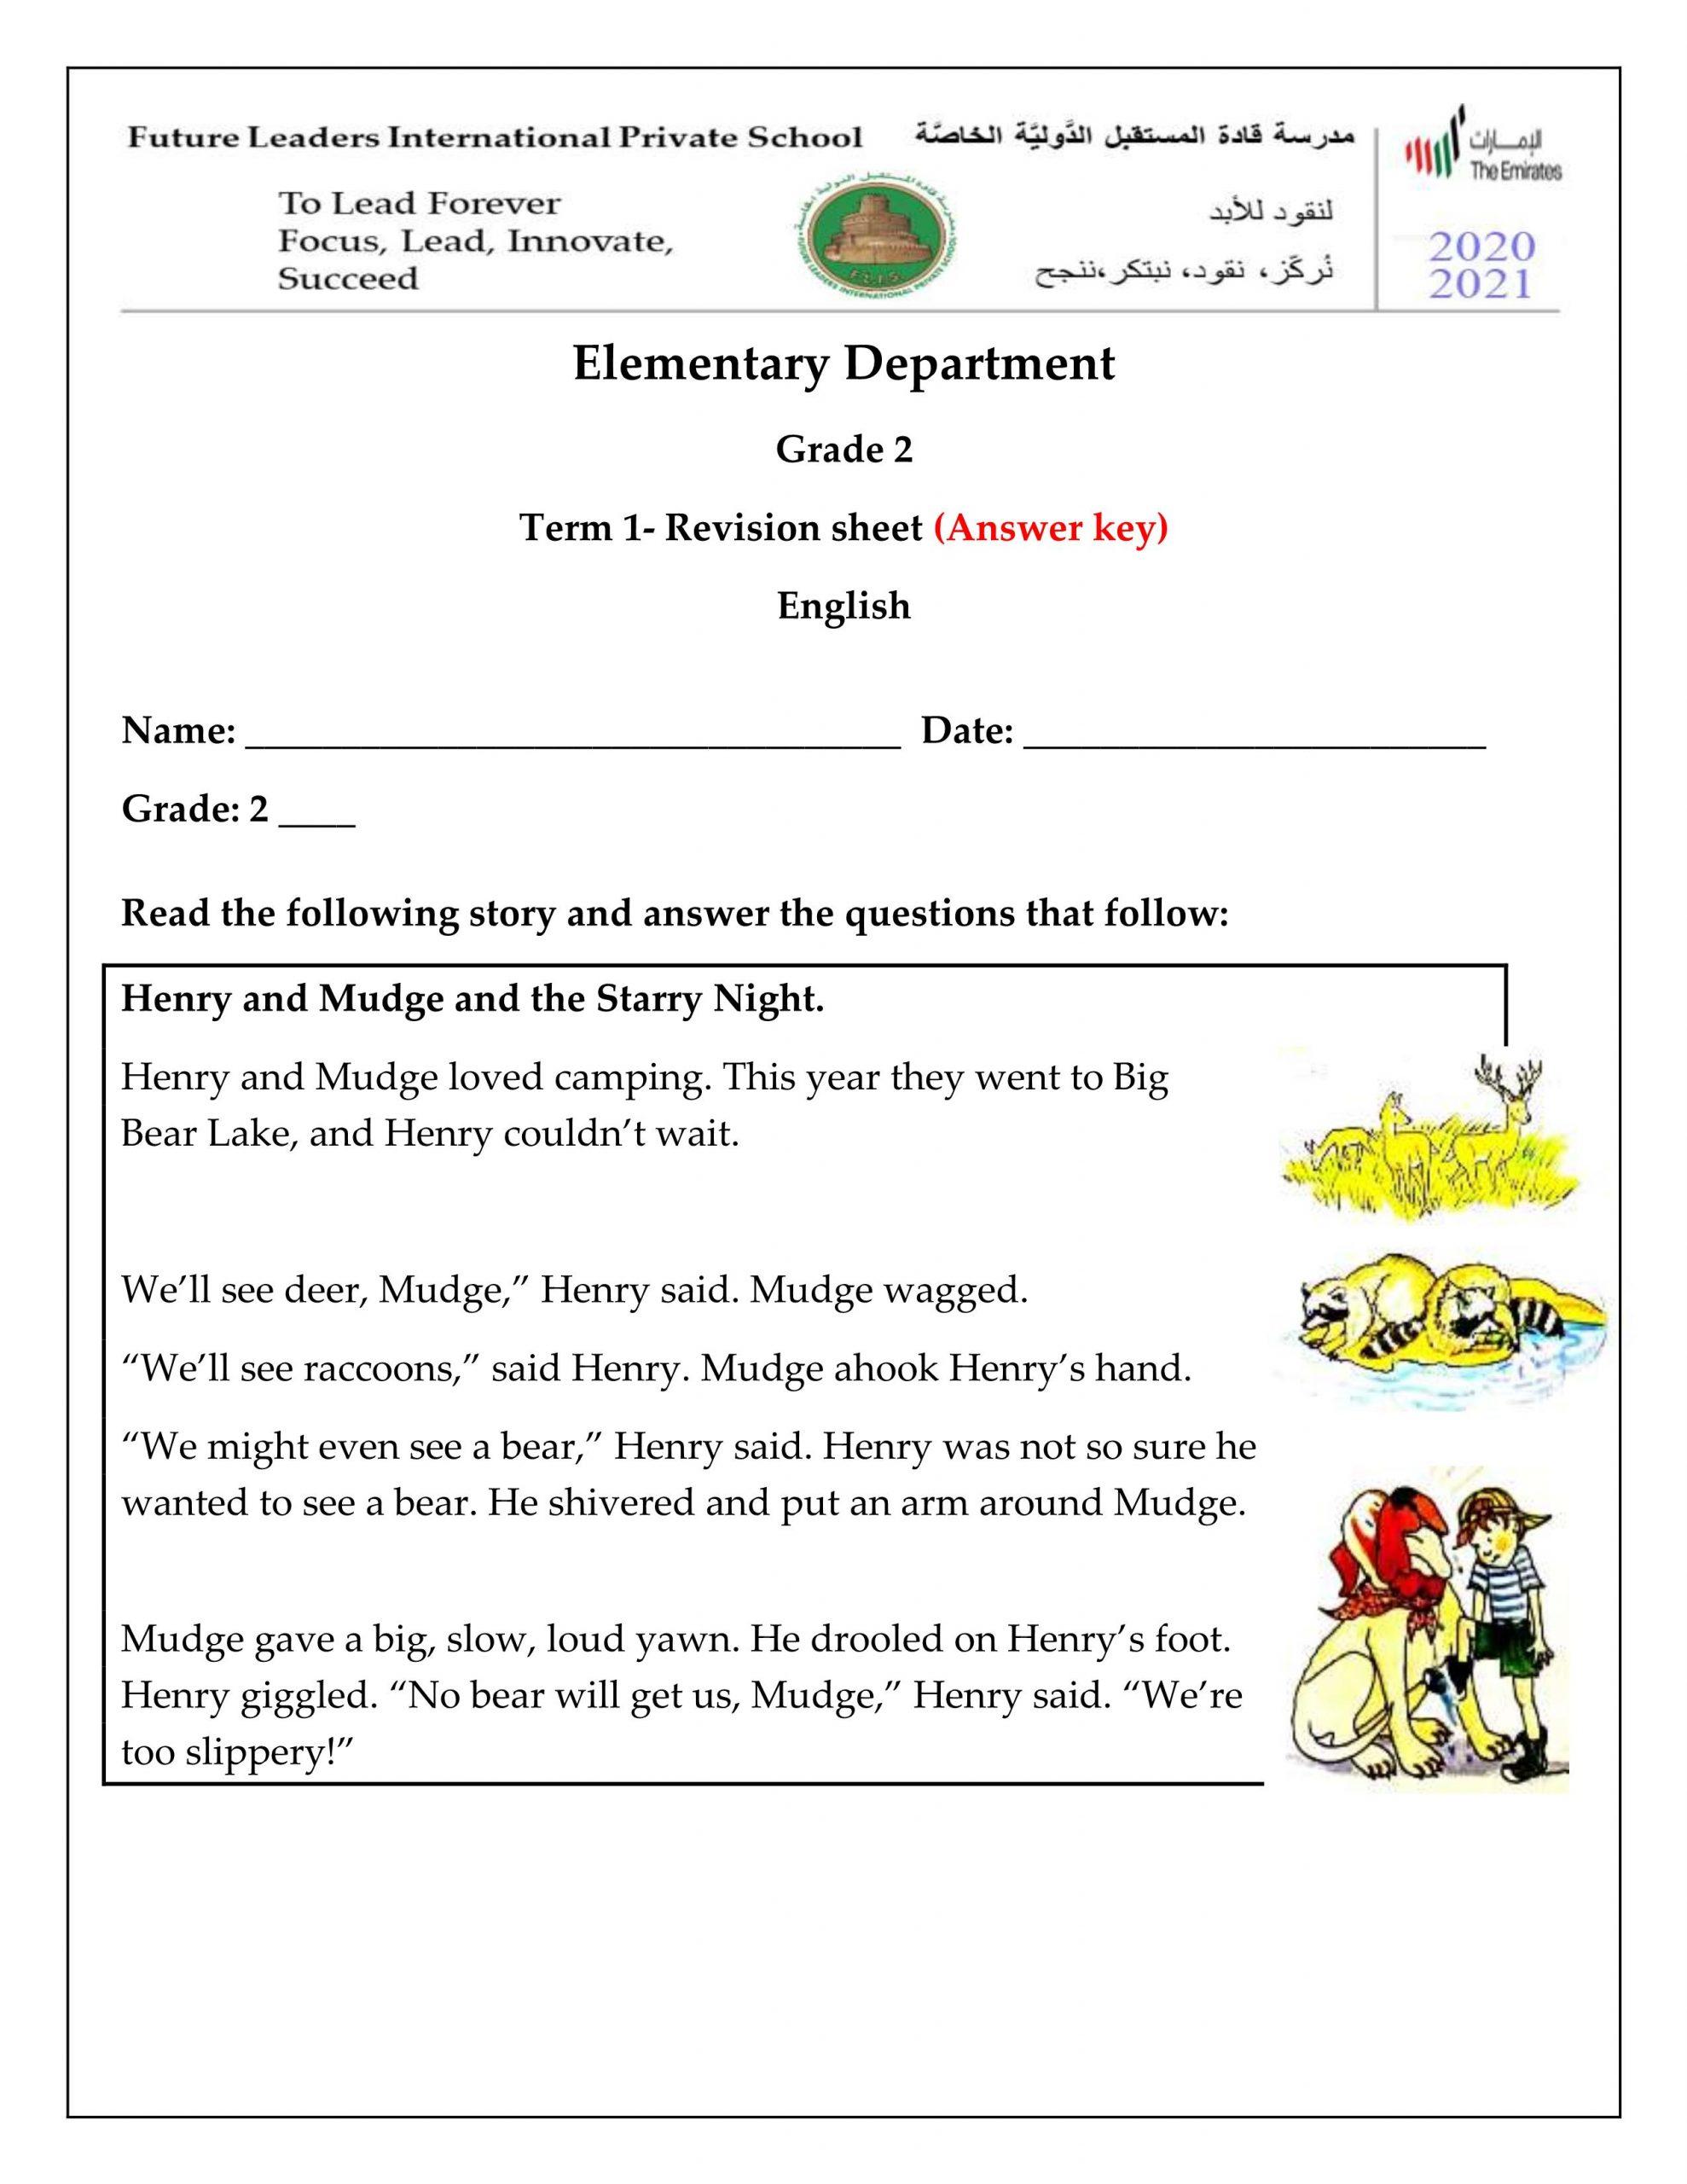 حل اوراق عمل Revision sheet الصف الثاني مادة اللغة الانجليزية